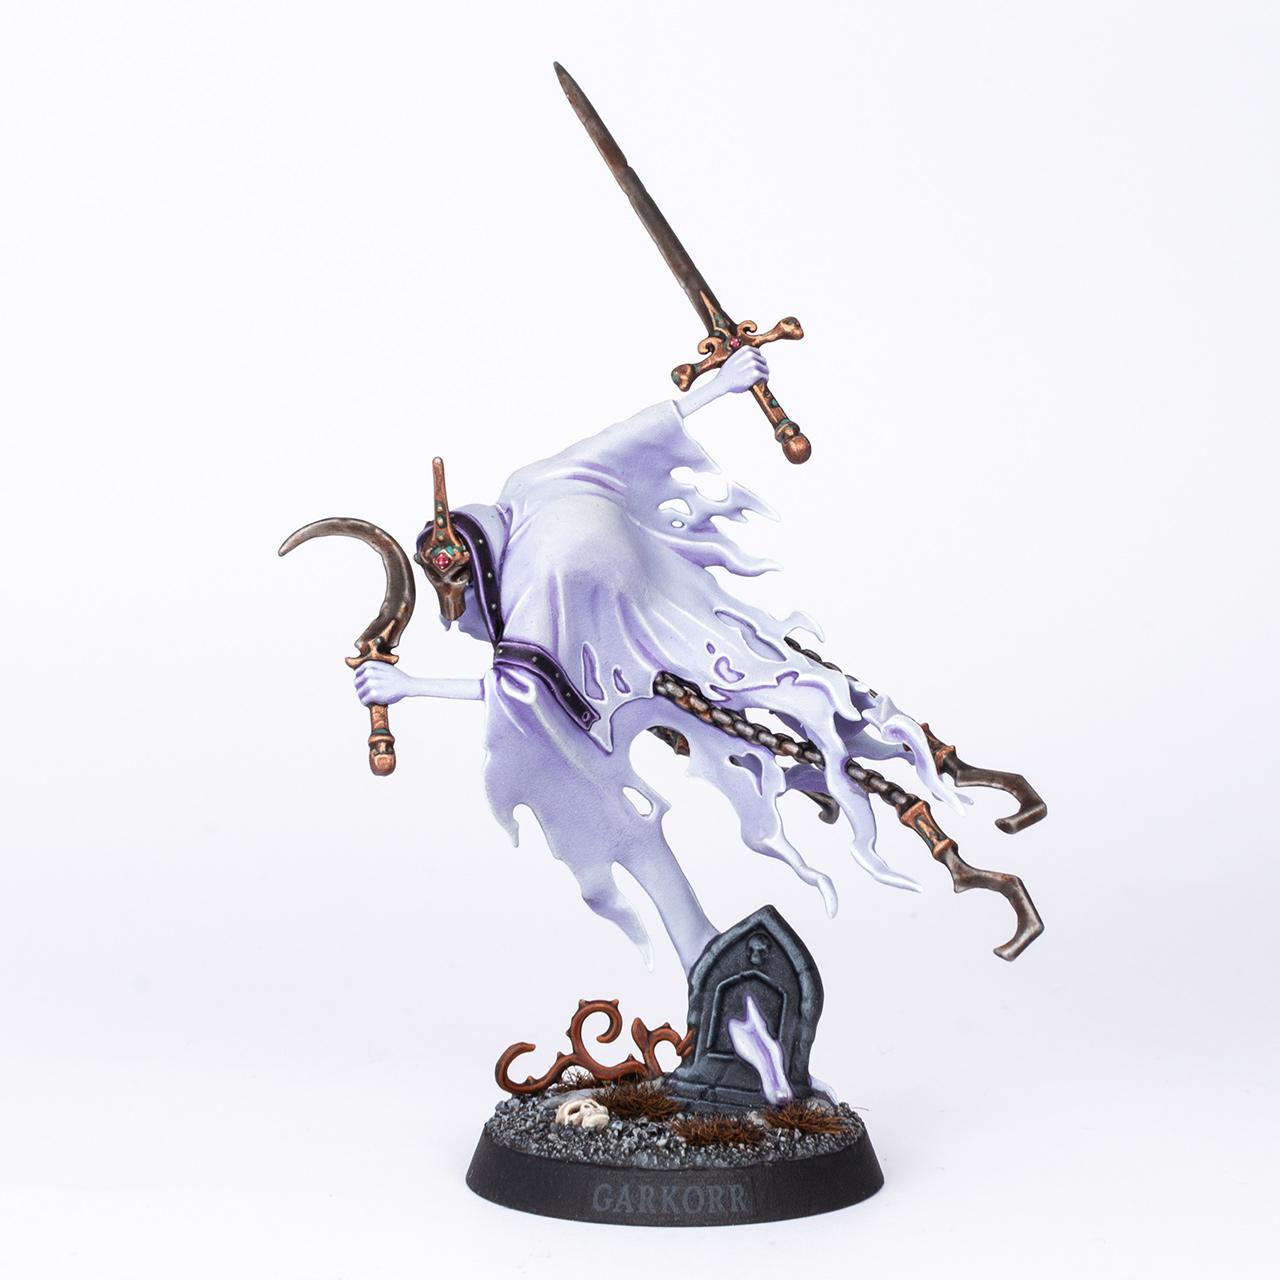 Garkorr, Bladegheist Revenant